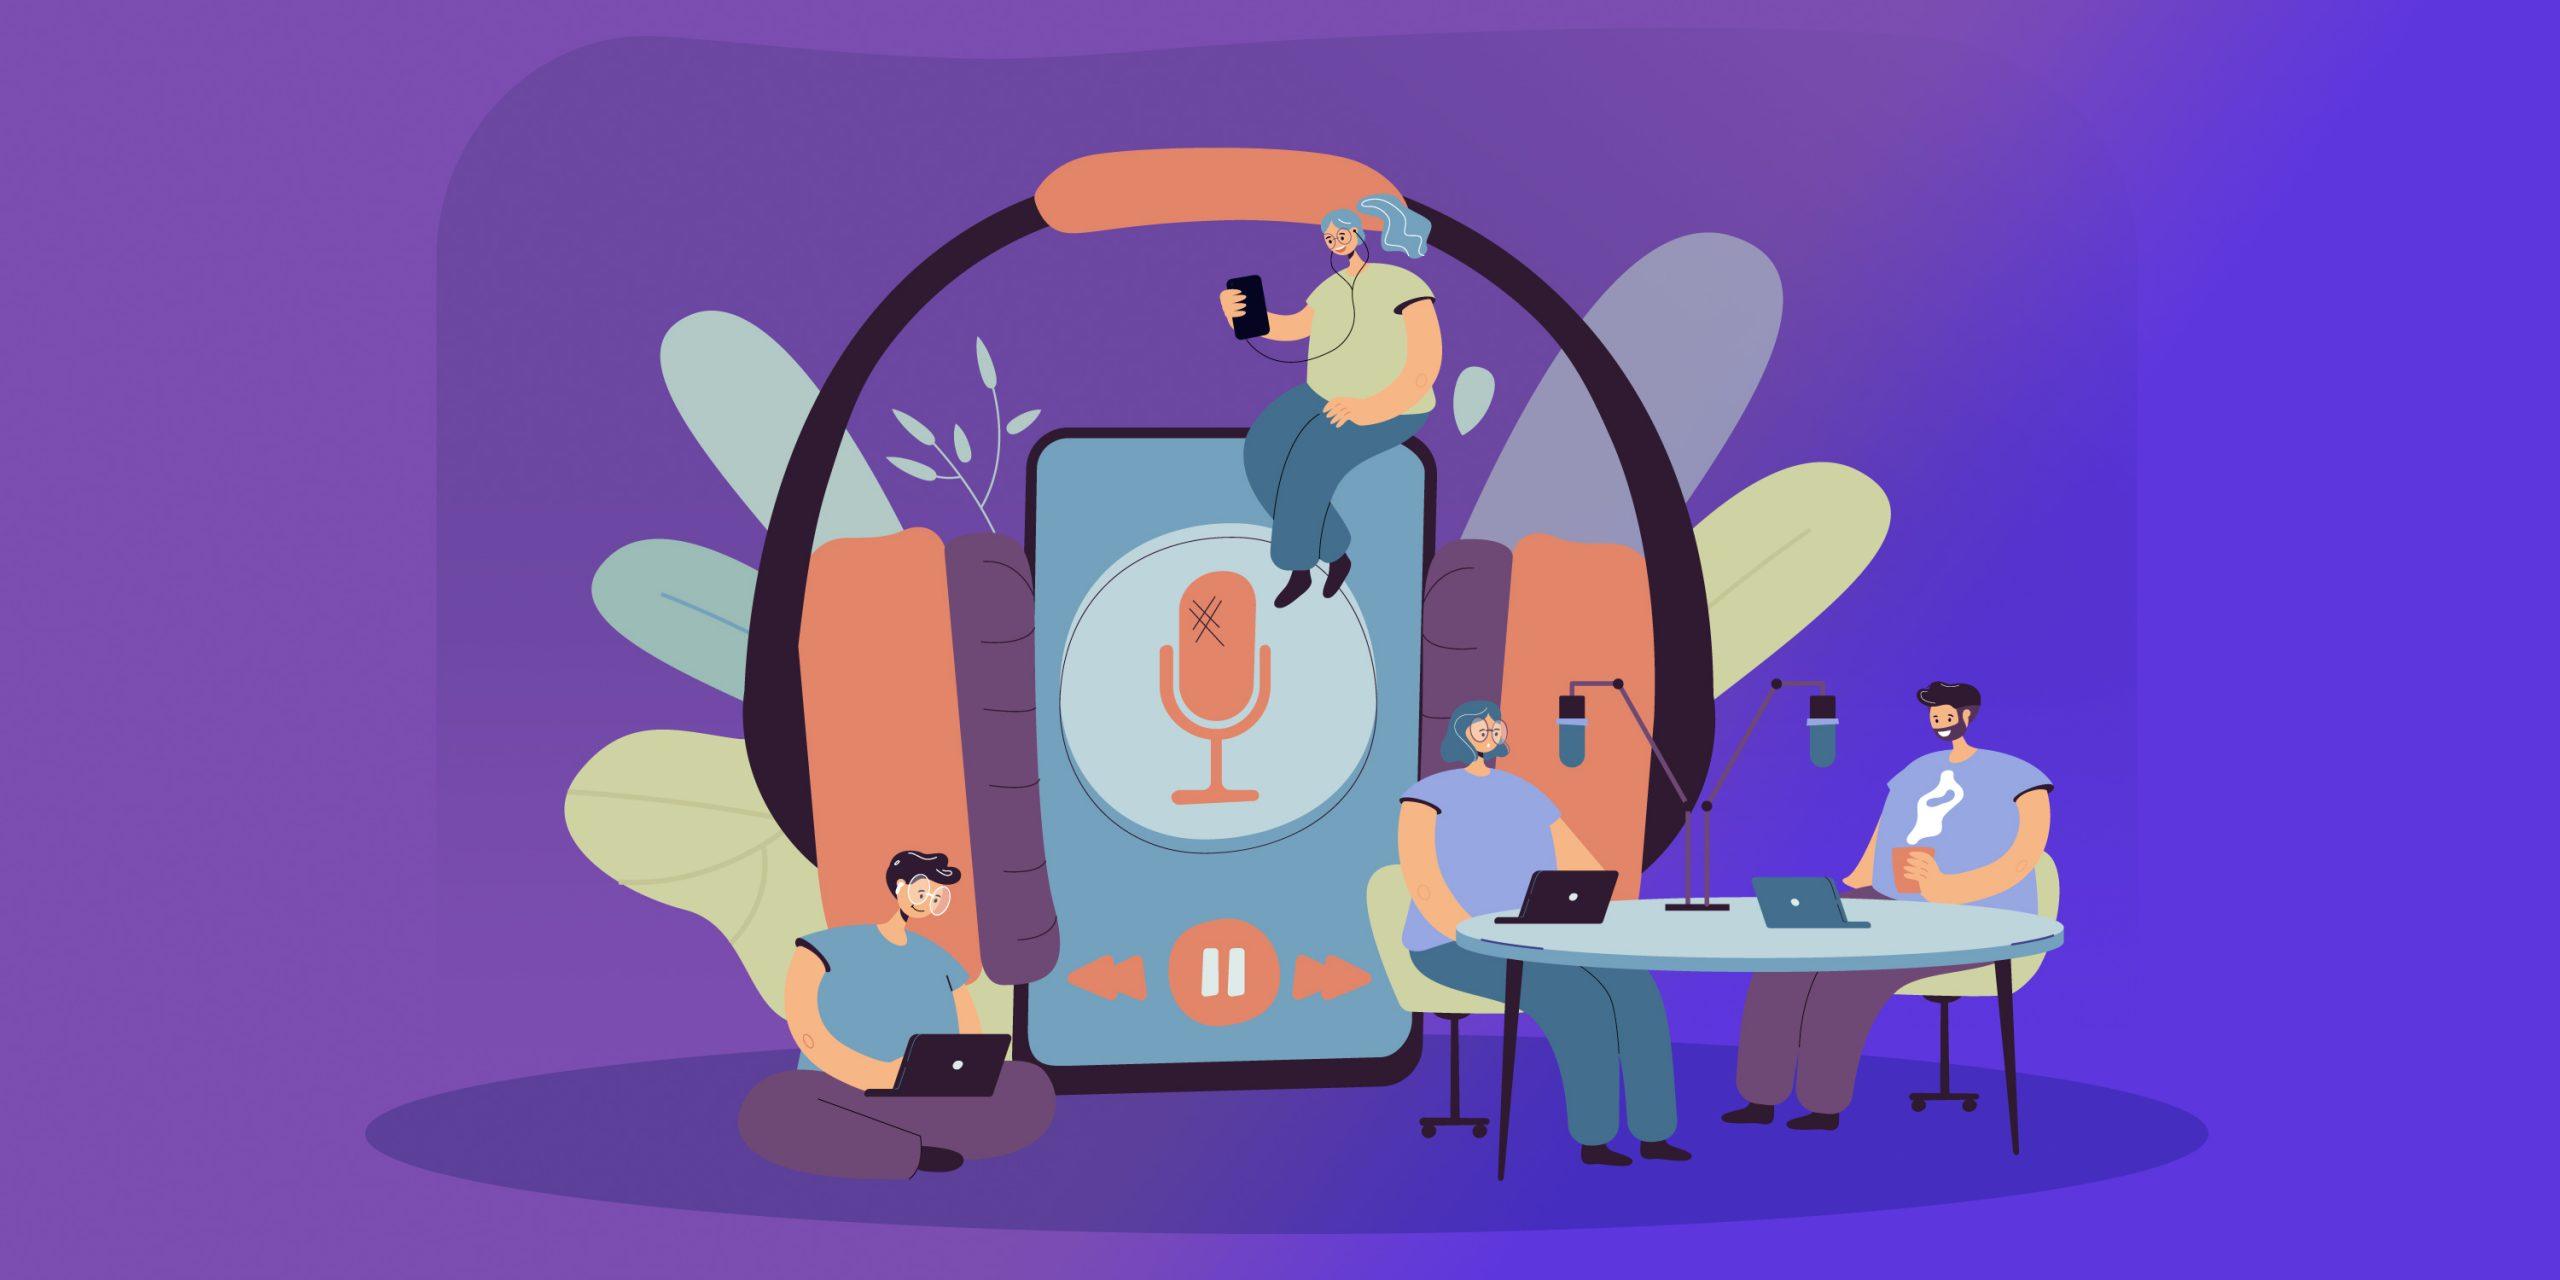 {:en}Возможности Clubhouse как канала для продвижения бизнеса{:}{:ru}Возможности Клабхаус как канала для продвижения бизнеса {:}